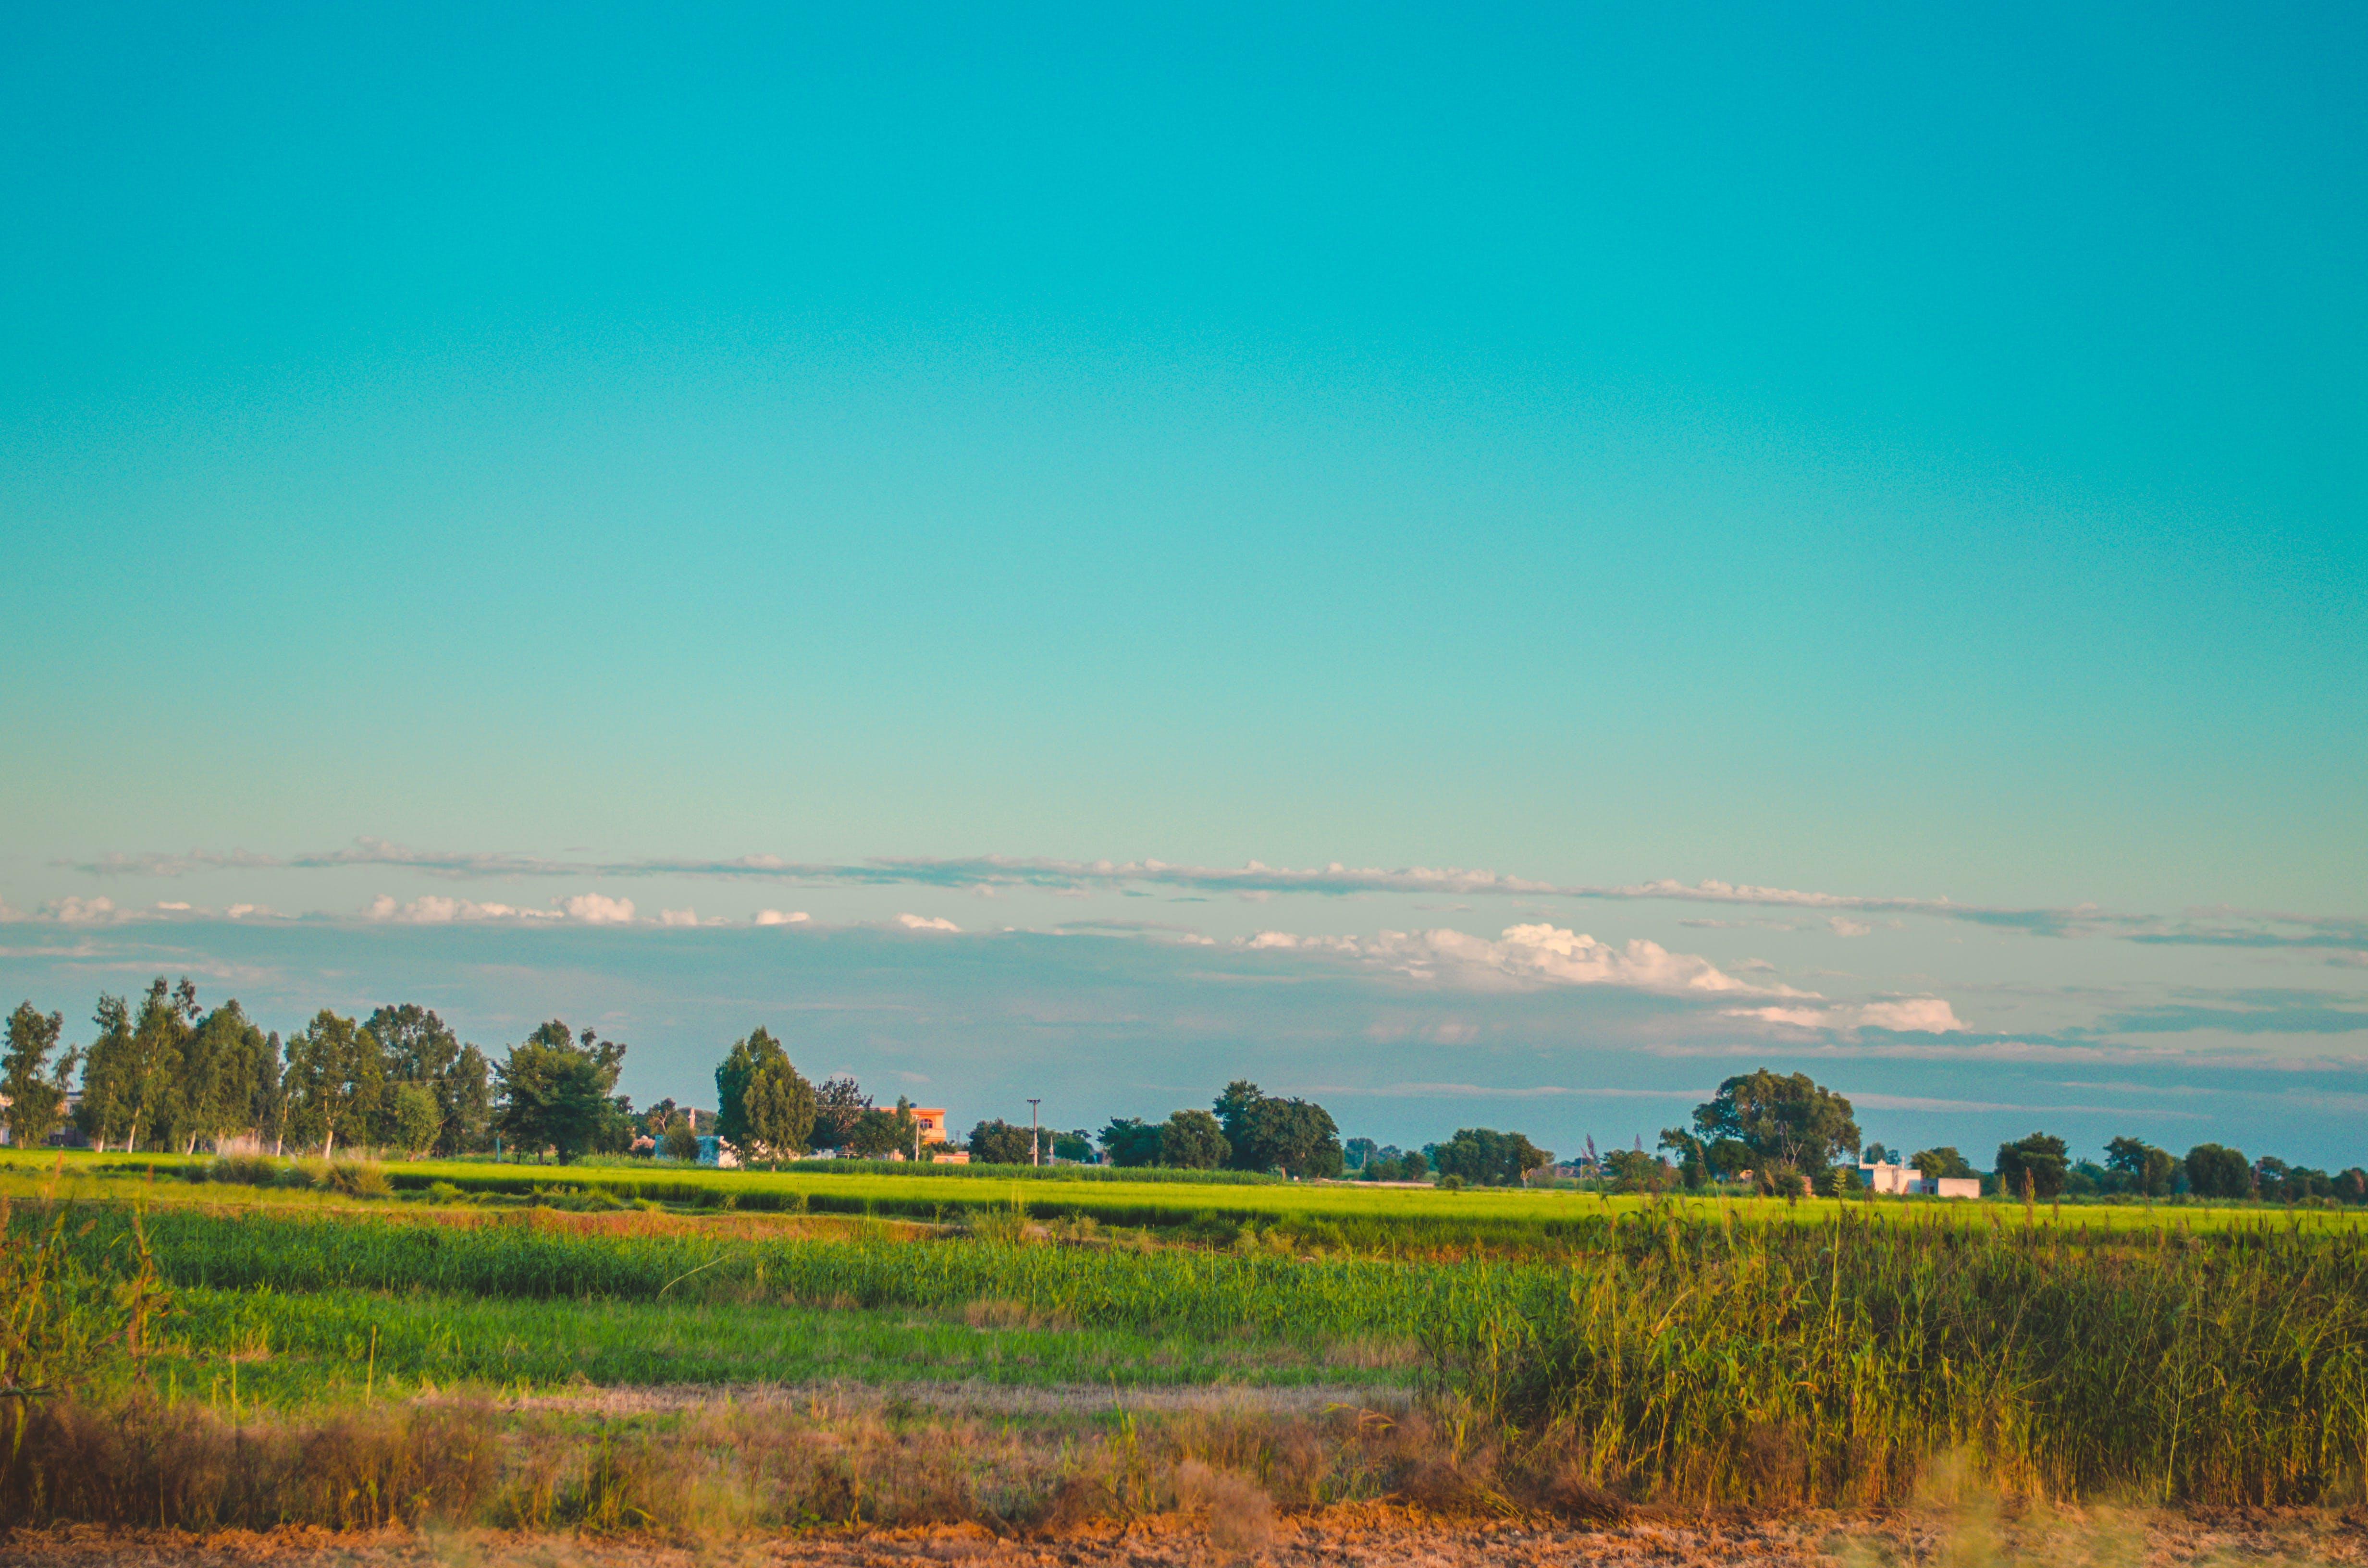 Kostenloses Stock Foto zu #outdoorchallenge, blaue himmel, blauem hintergrund, der grünen wiese